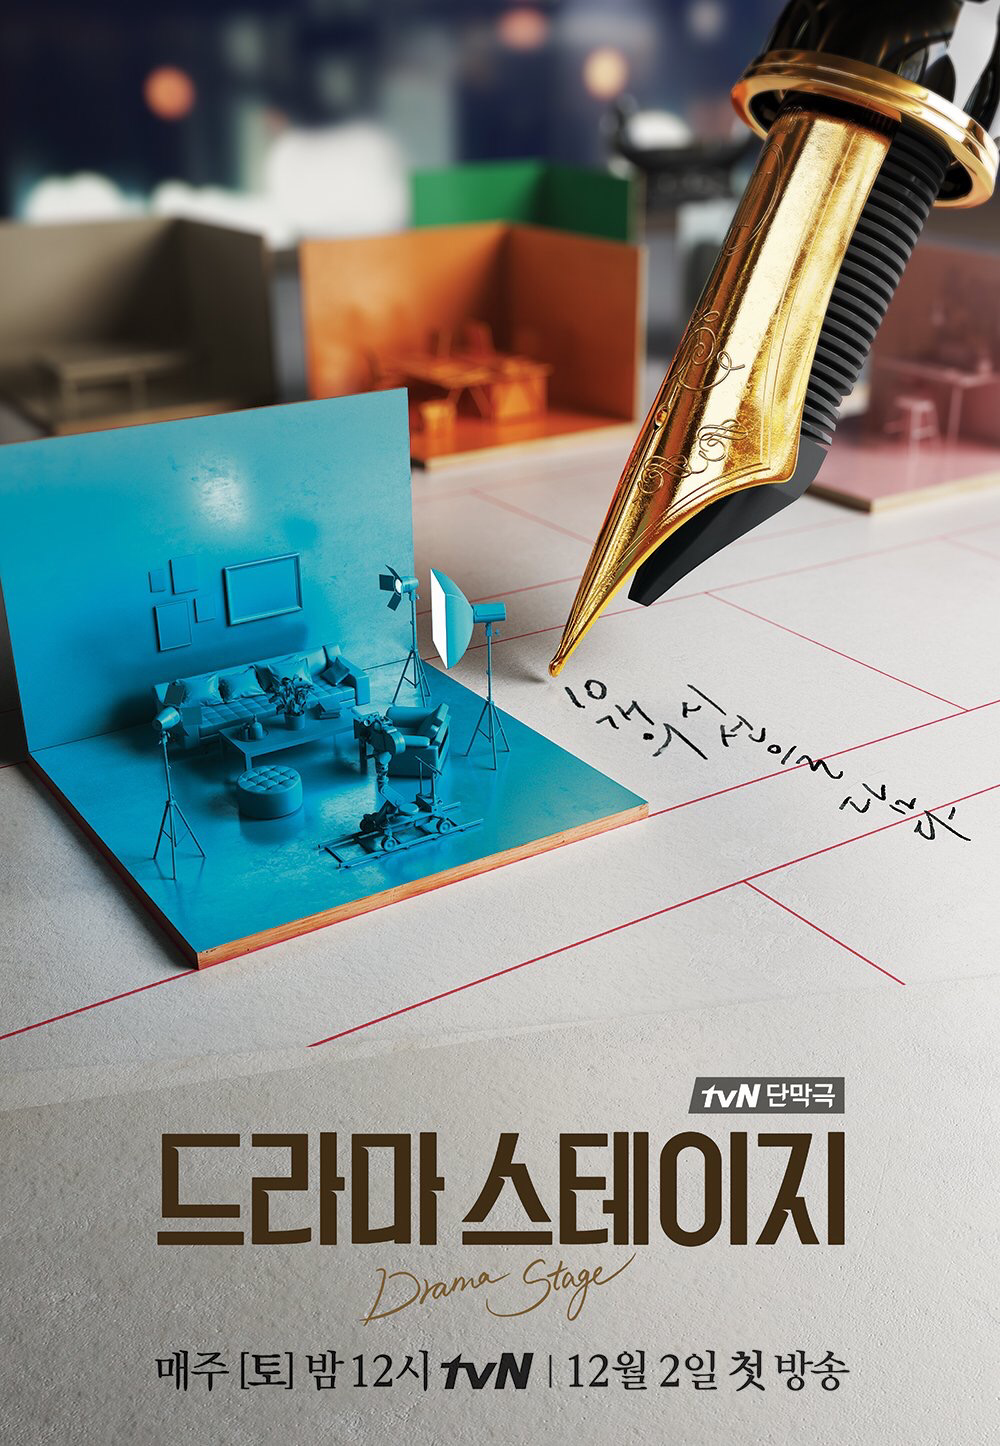 단막극 좋아하세요? - tvN 단막극 '드라마 스테이지'